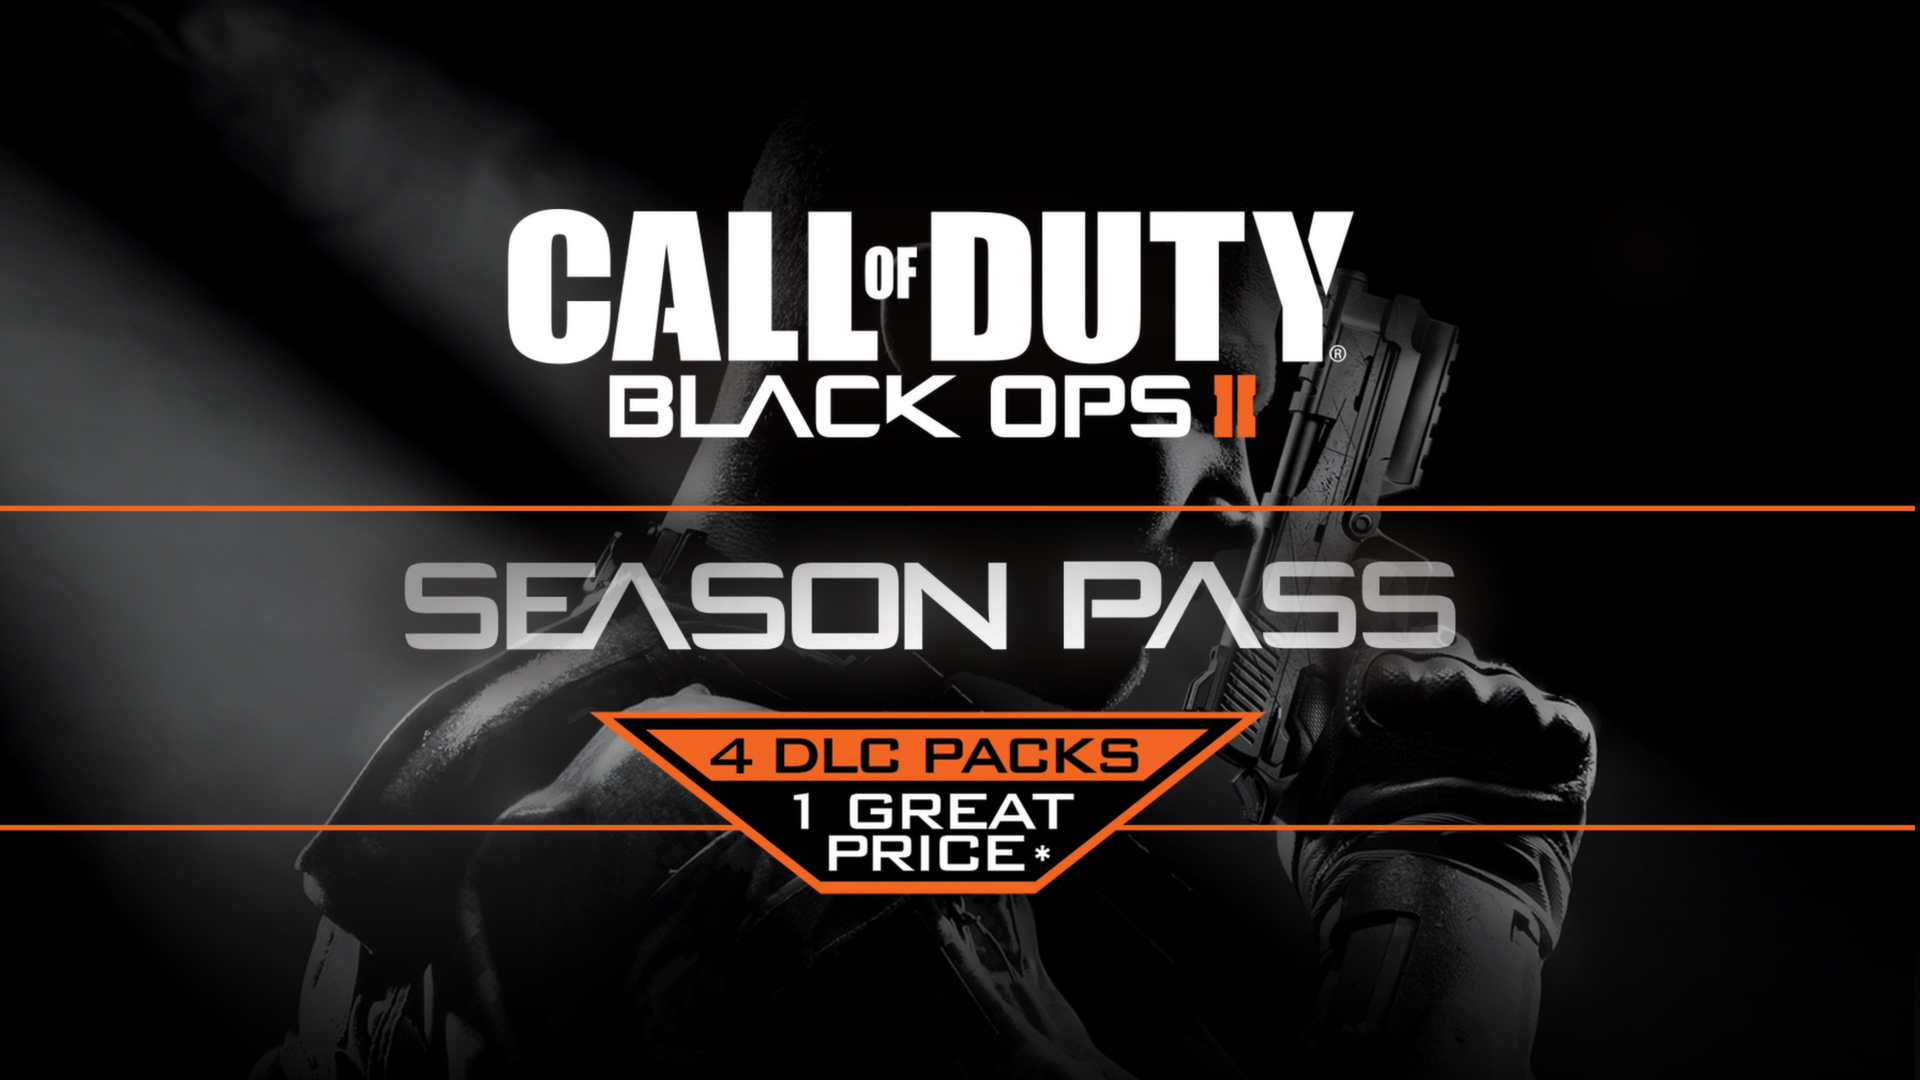 black ops 2 season pass pc free